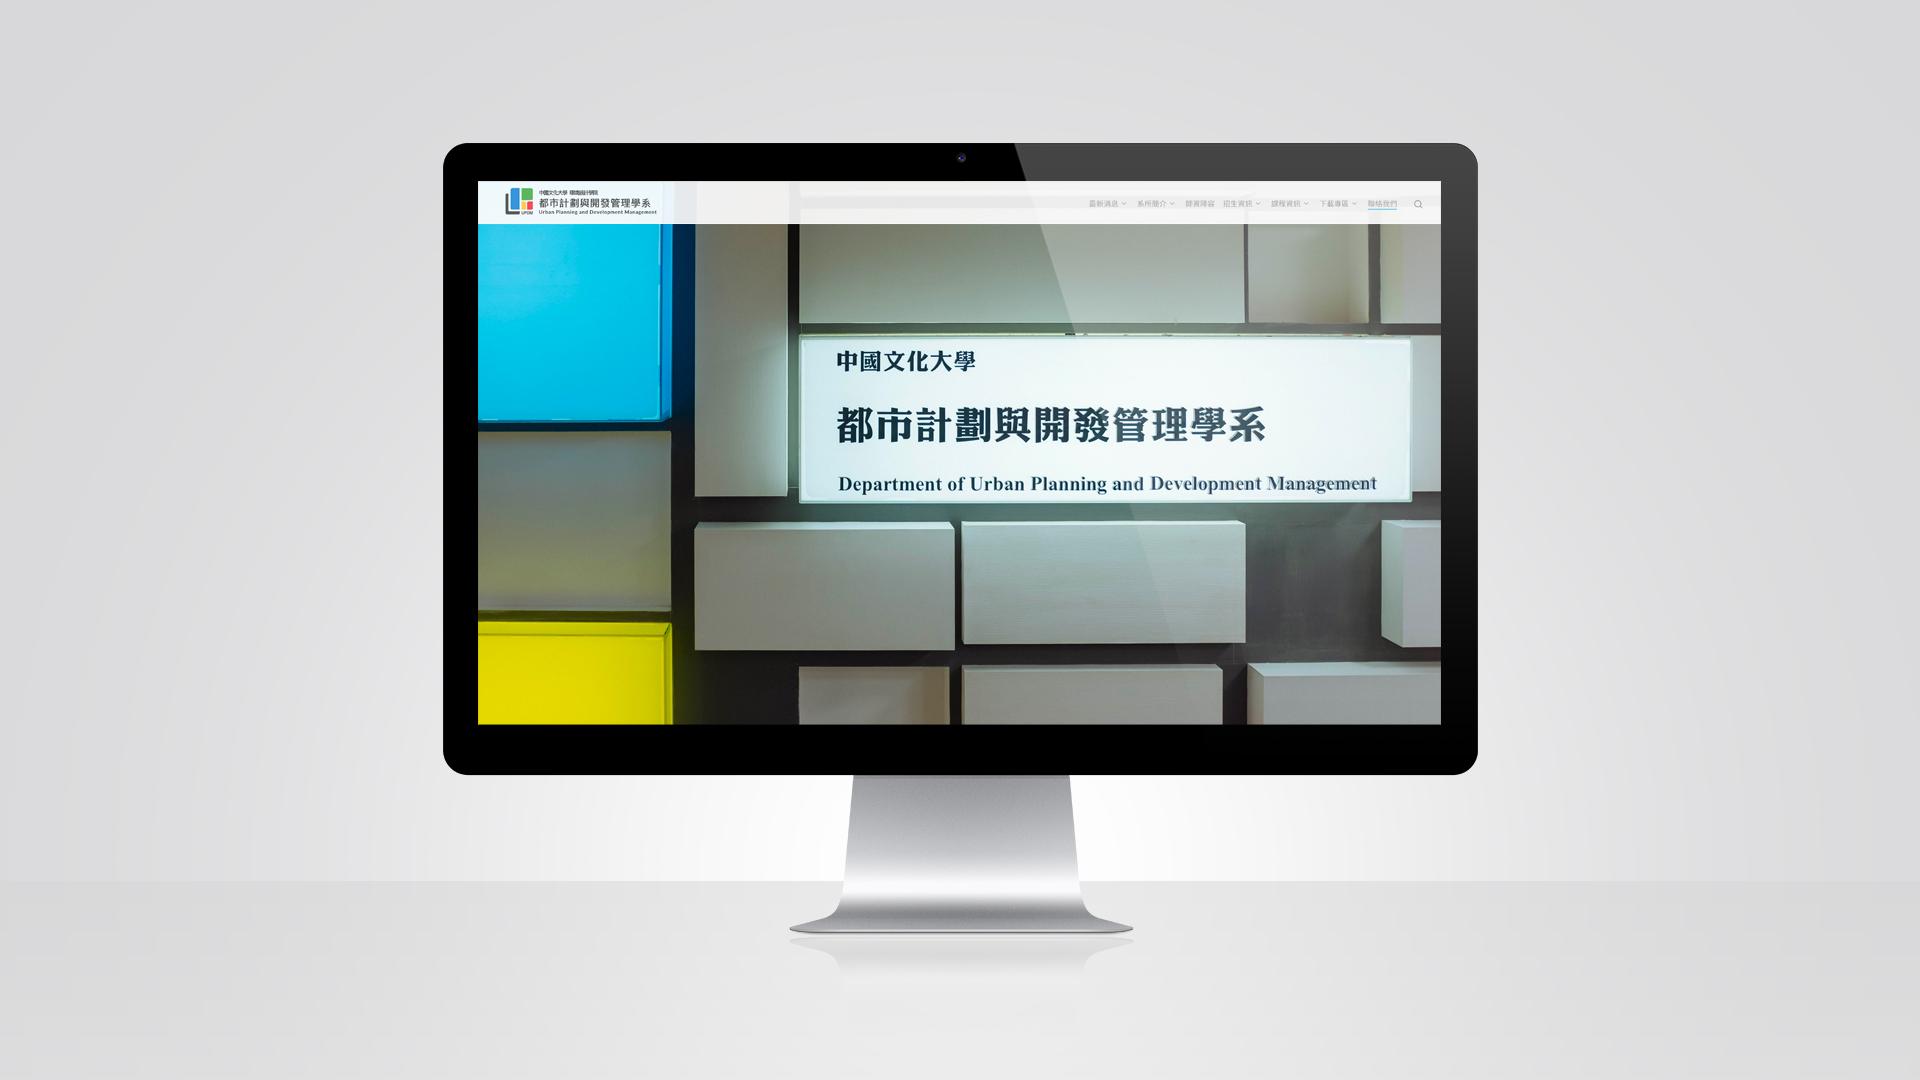 中國文化大學都計系 網站設計